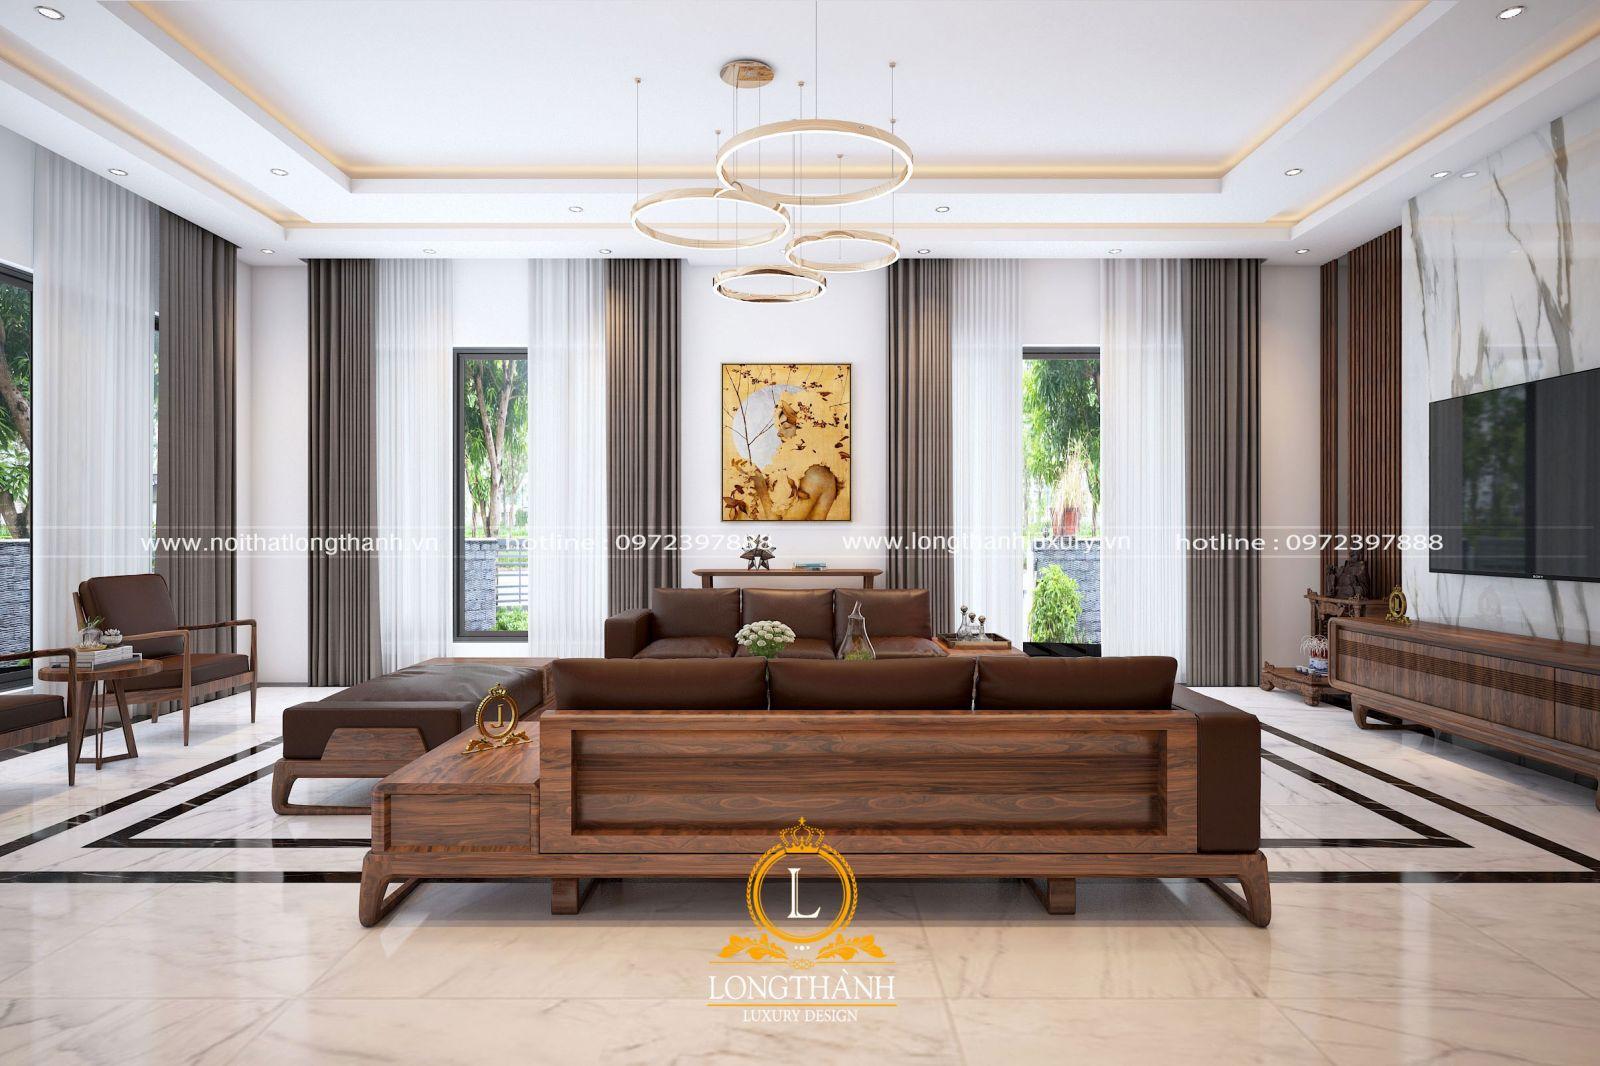 Bộ sofa là sản phẩm nội thất quan trọng không thể thiếu trong phòng khách gia đình